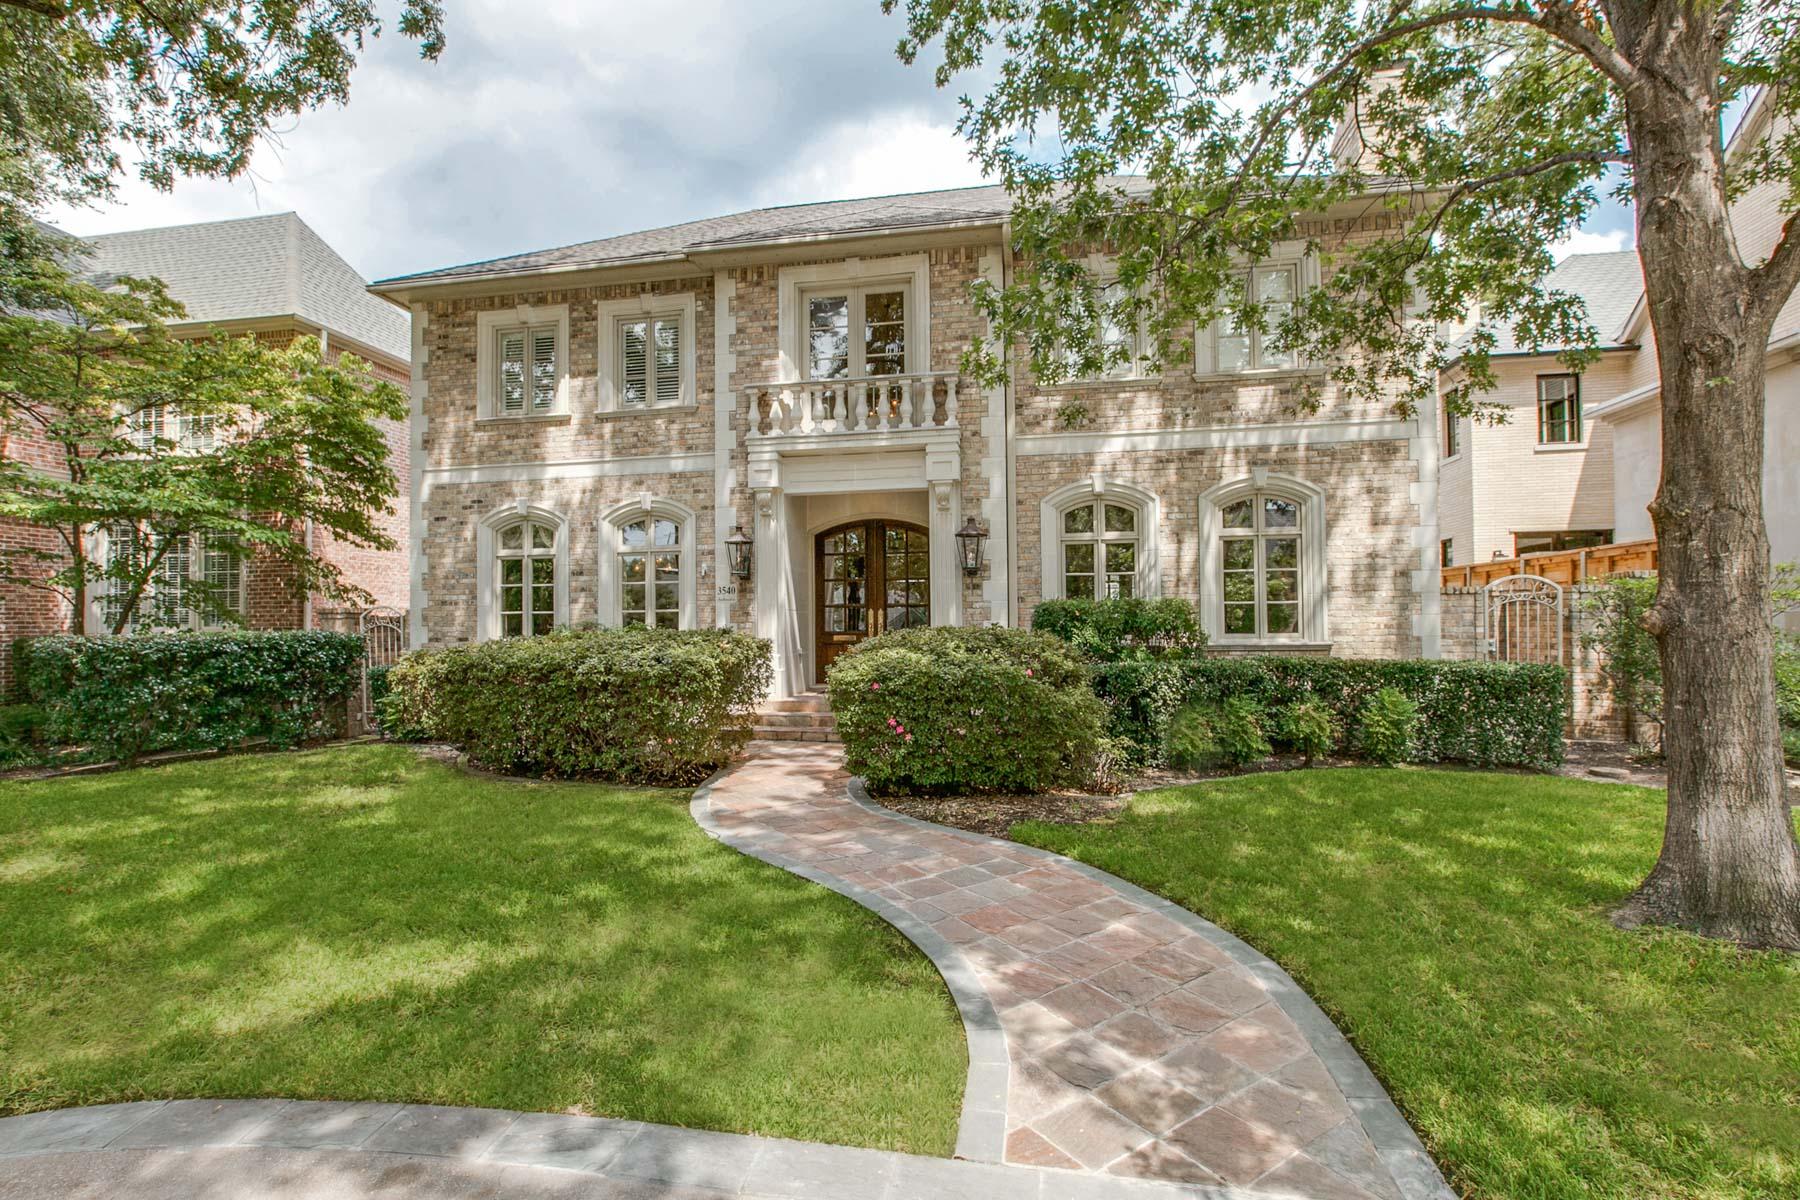 Villa per Vendita alle ore 3540 Southwestern 3540 Southwestern Boulevard Dallas, Texas 75225 Stati Uniti